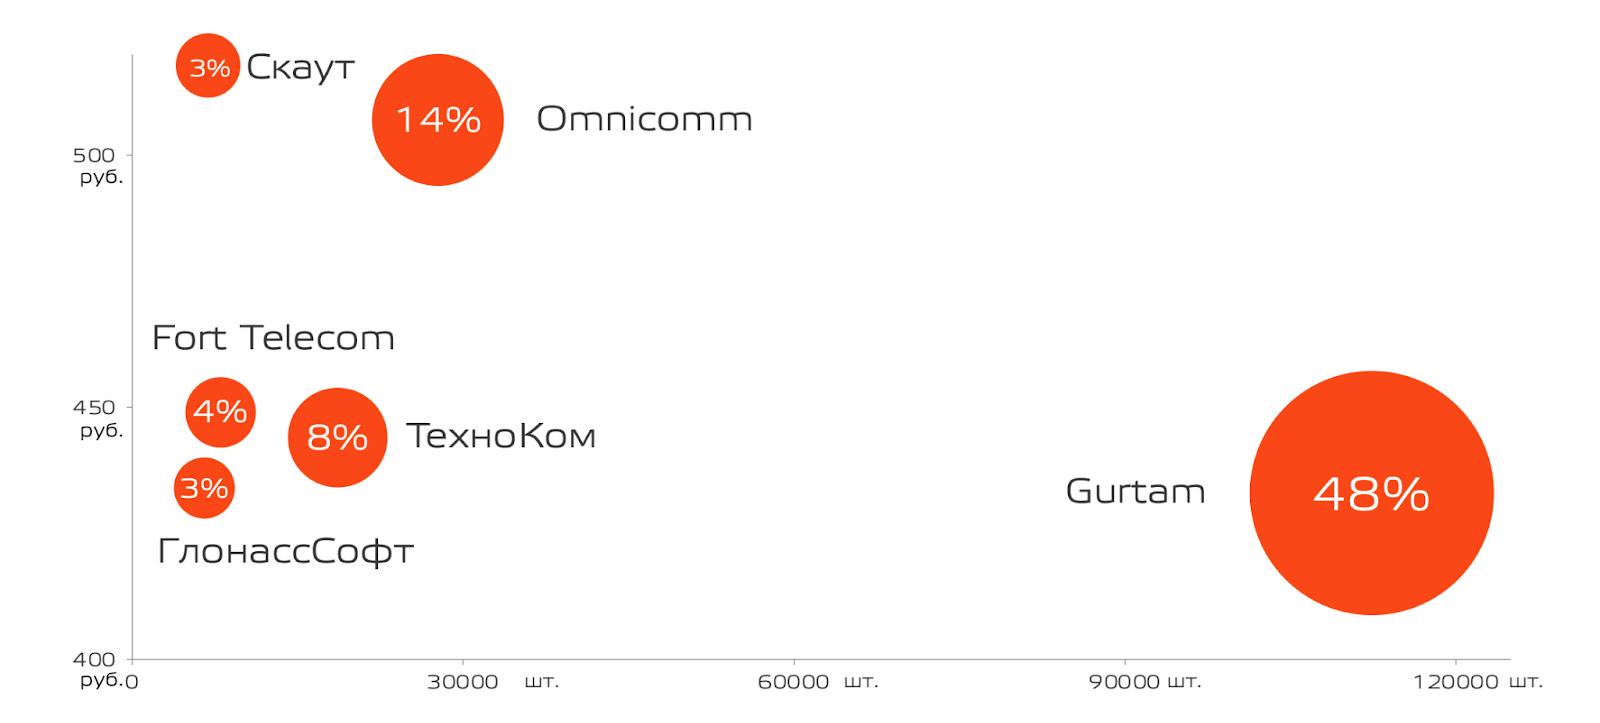 Исследование Omnicomm